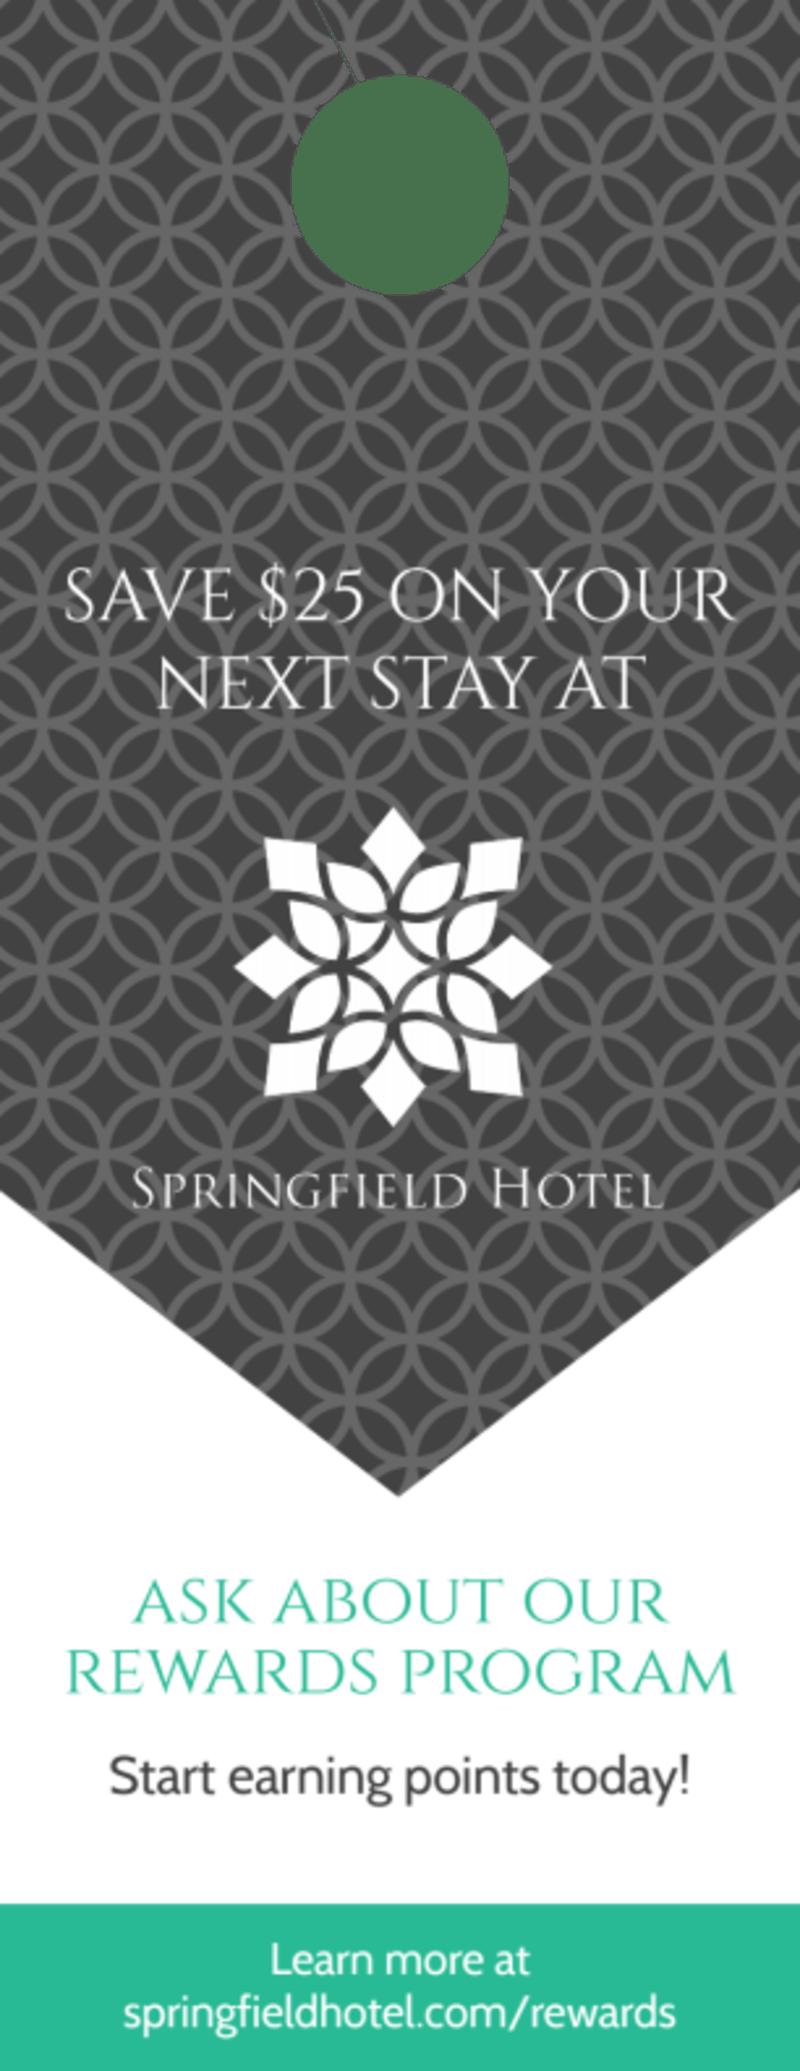 Springfield Hotel Rewards Door Hanger Template Preview 2